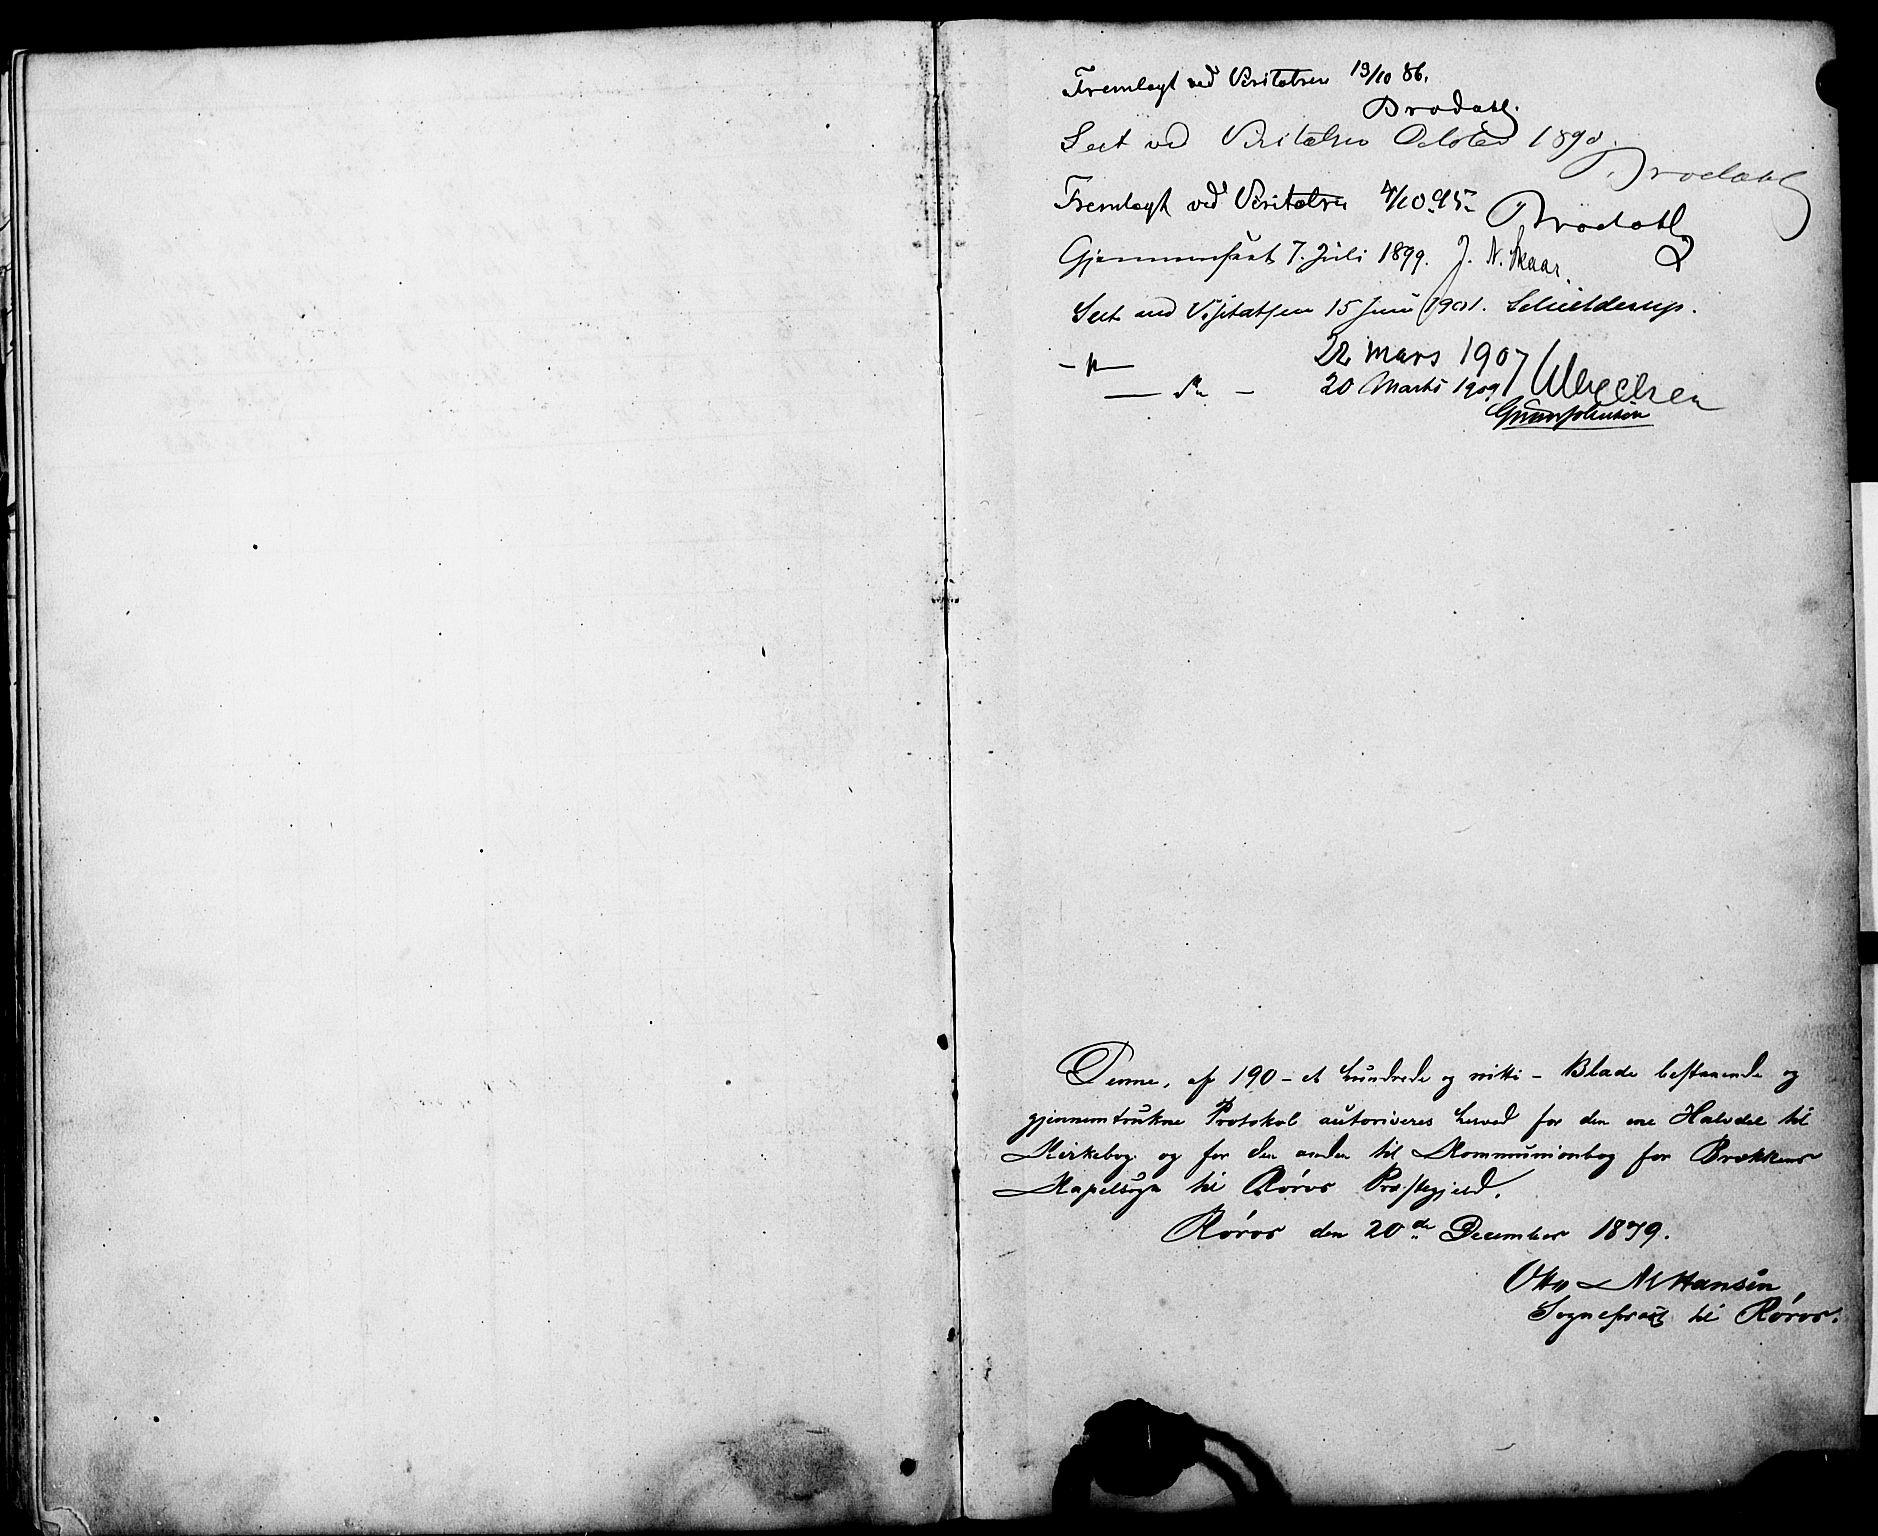 SAT, Ministerialprotokoller, klokkerbøker og fødselsregistre - Sør-Trøndelag, 683/L0949: Klokkerbok nr. 683C01, 1880-1896